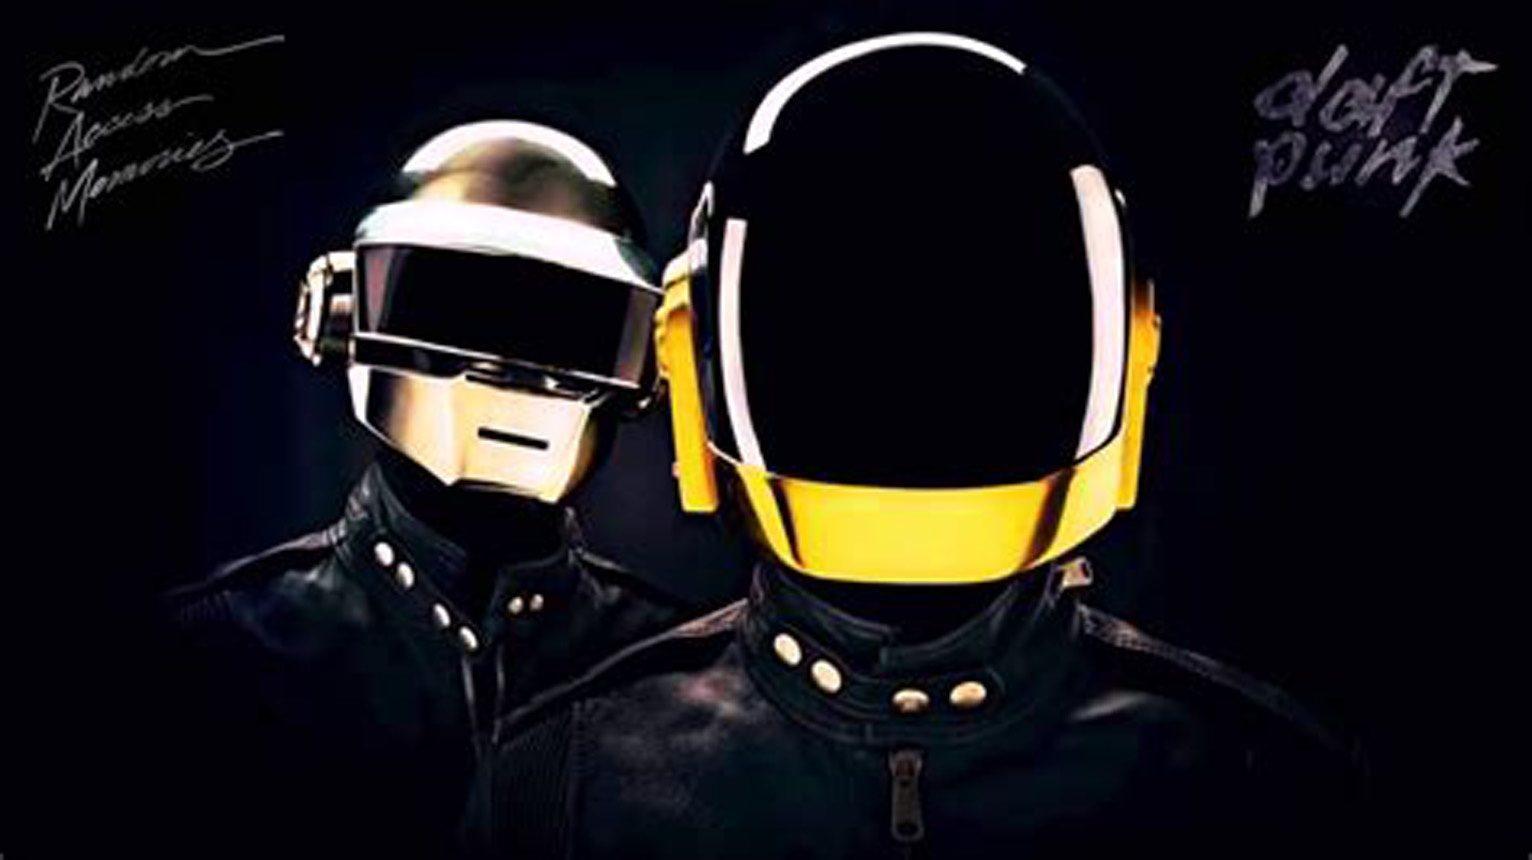 Touch de Daft Punk